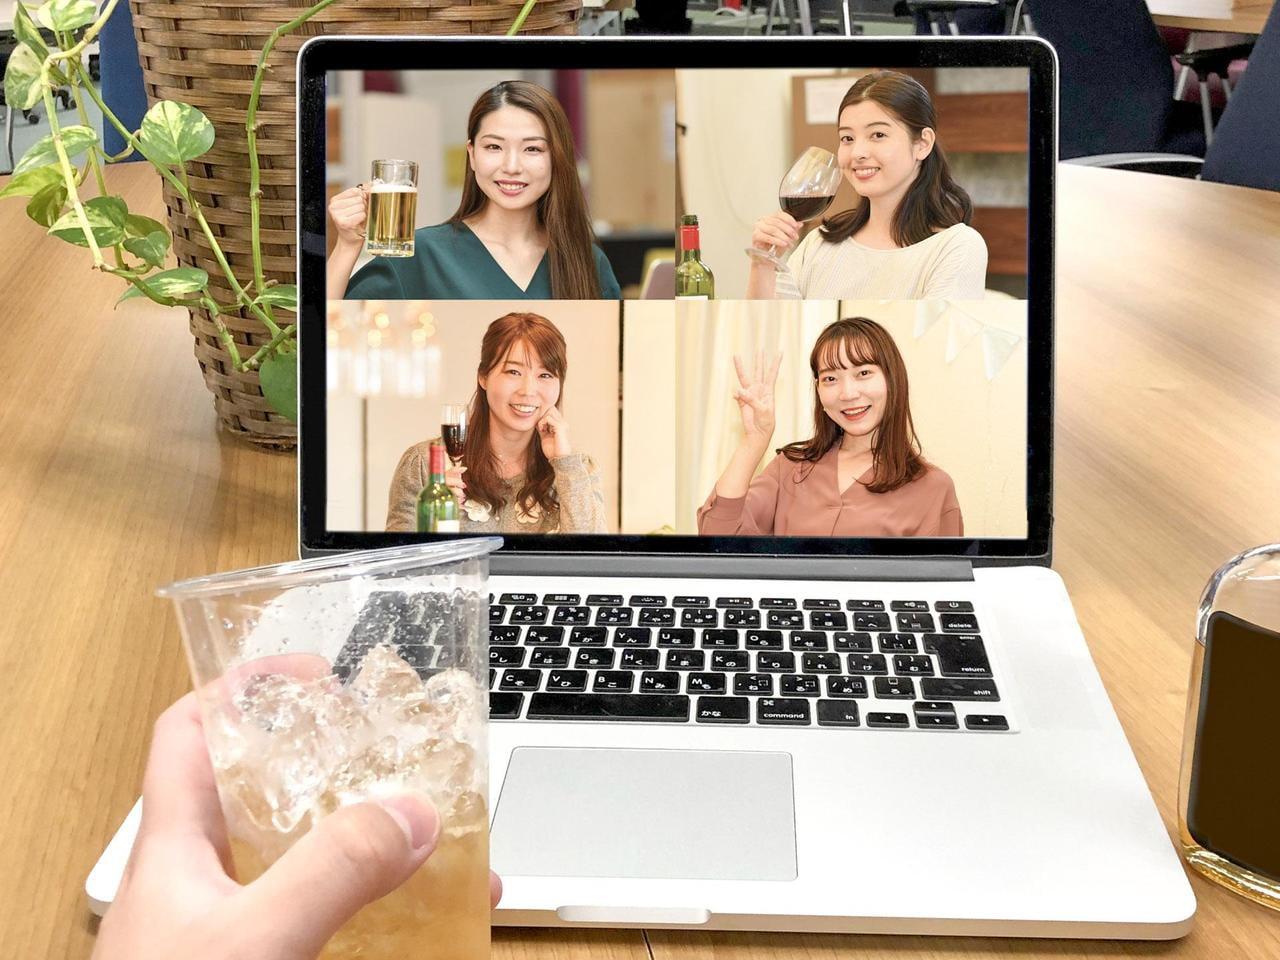 比較】オンライン飲み会におすすめ!無料ビデオ通話アプリ・ツール6選 ...